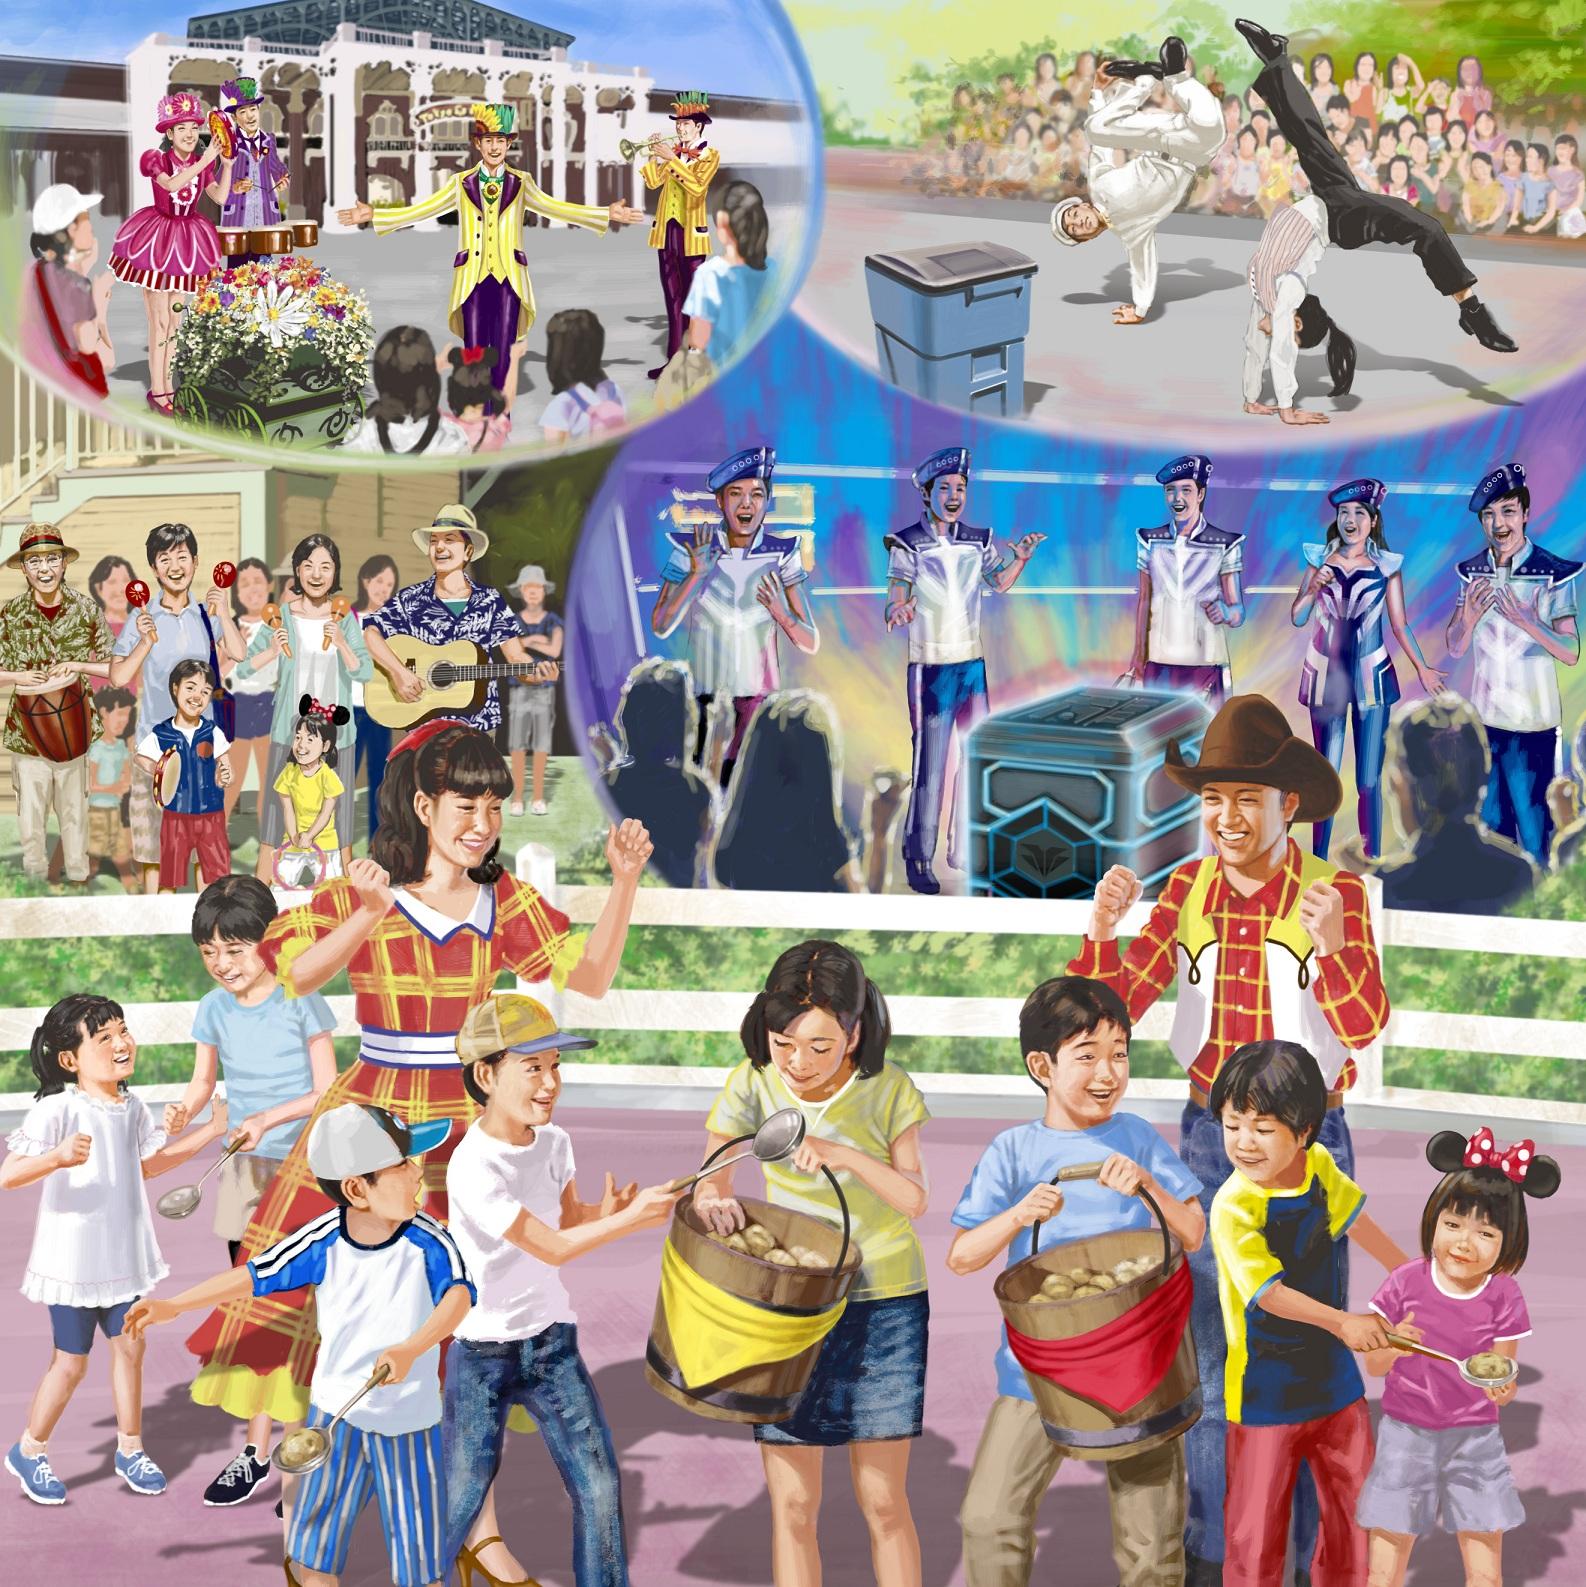 新規アトモスフィア・エンターテイメント(一部)のイメージ (c)Disney